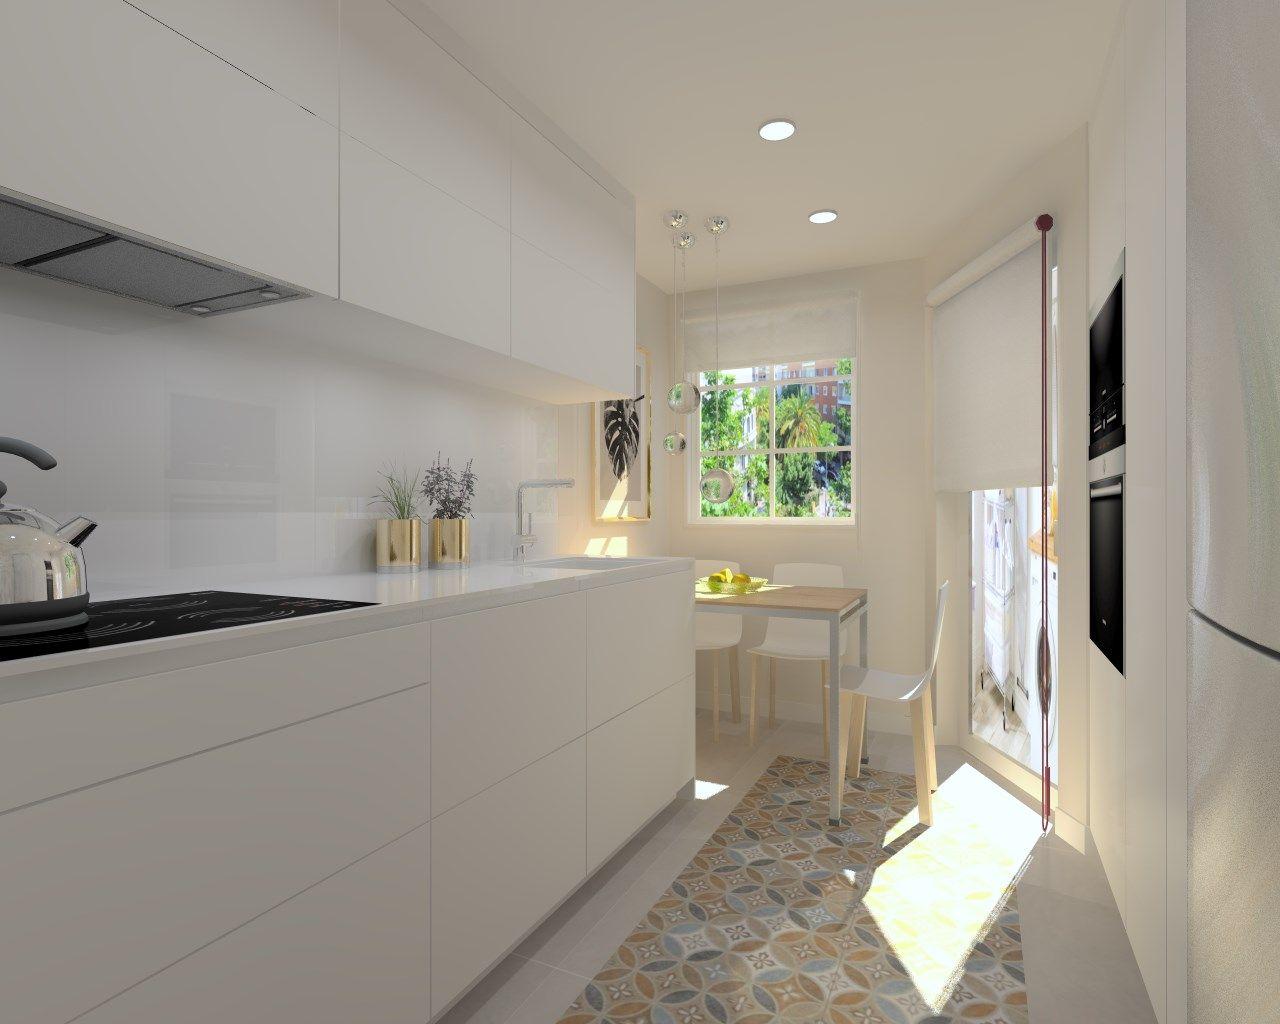 Acogedora cocina con suelo hidráulico | Casa | Pinterest